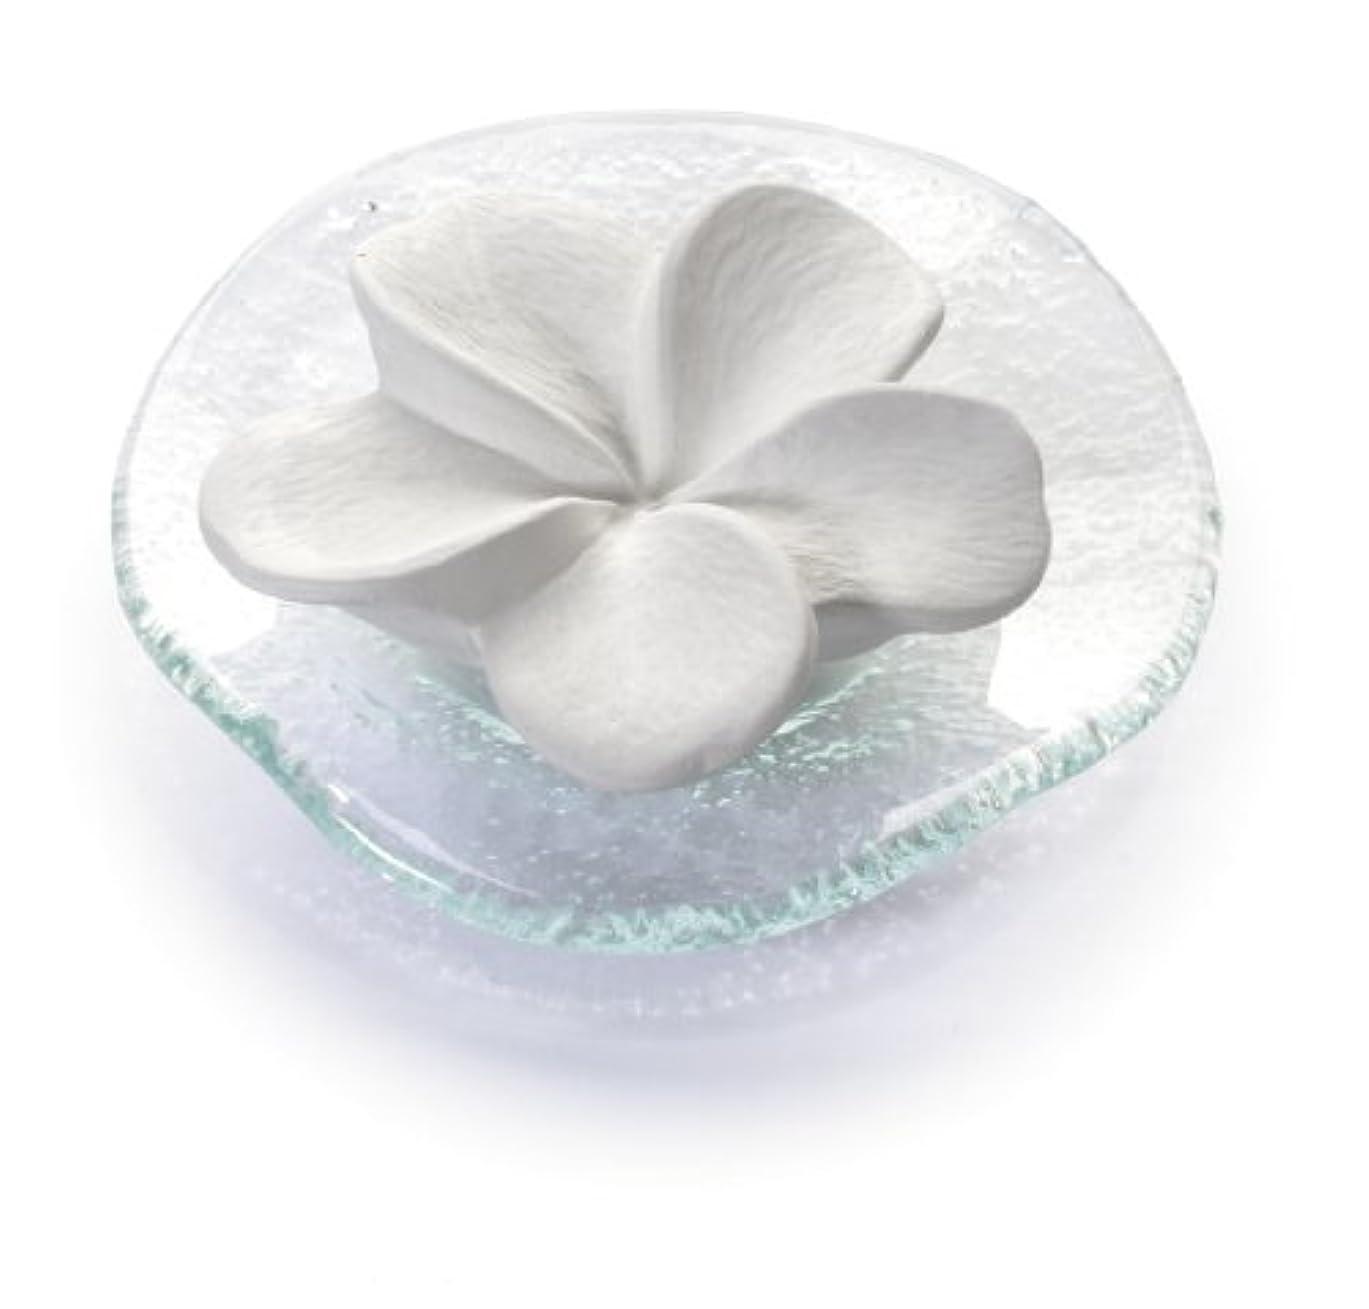 版指クリアポマンダー フランジュパニ(ガラズ皿つき)プリマヴェーラ(プリマベラ)「天の香り」